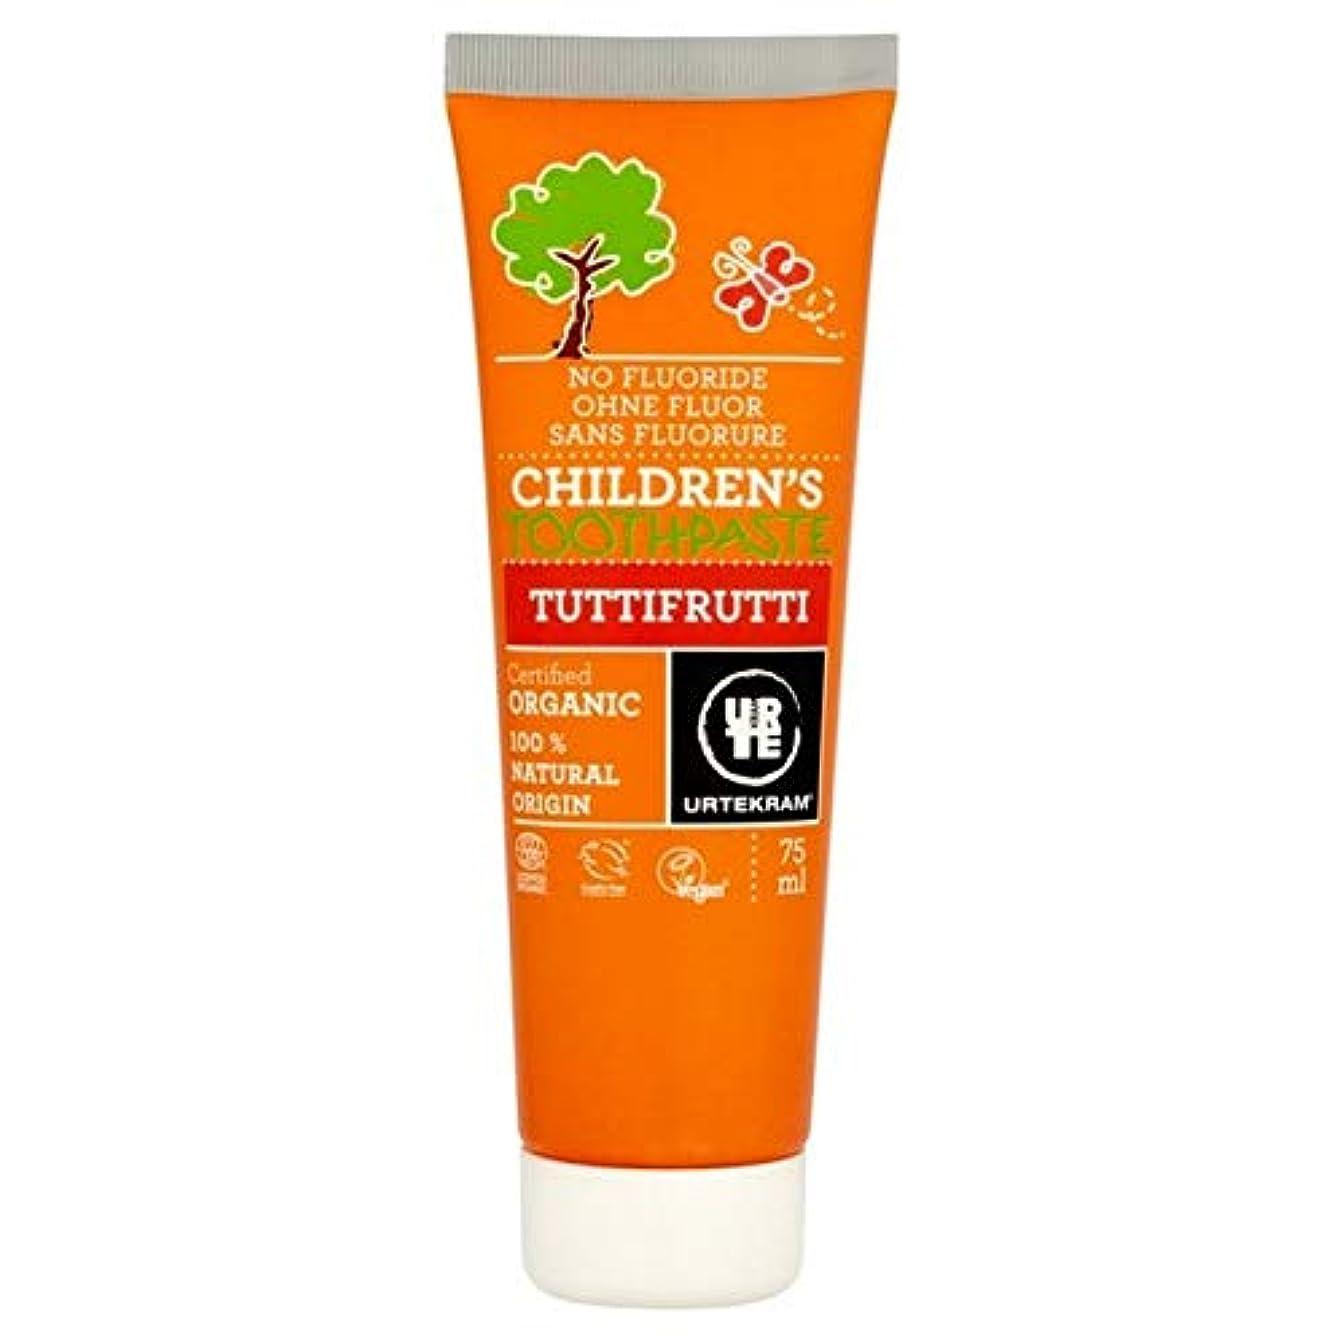 検出可能わずかに短命[Urtekram] Urtekram子供のトゥッティフルッティの歯磨き粉75ミリリットル - Urtekram Children's Tutti Frutti Toothpaste 75ml [並行輸入品]